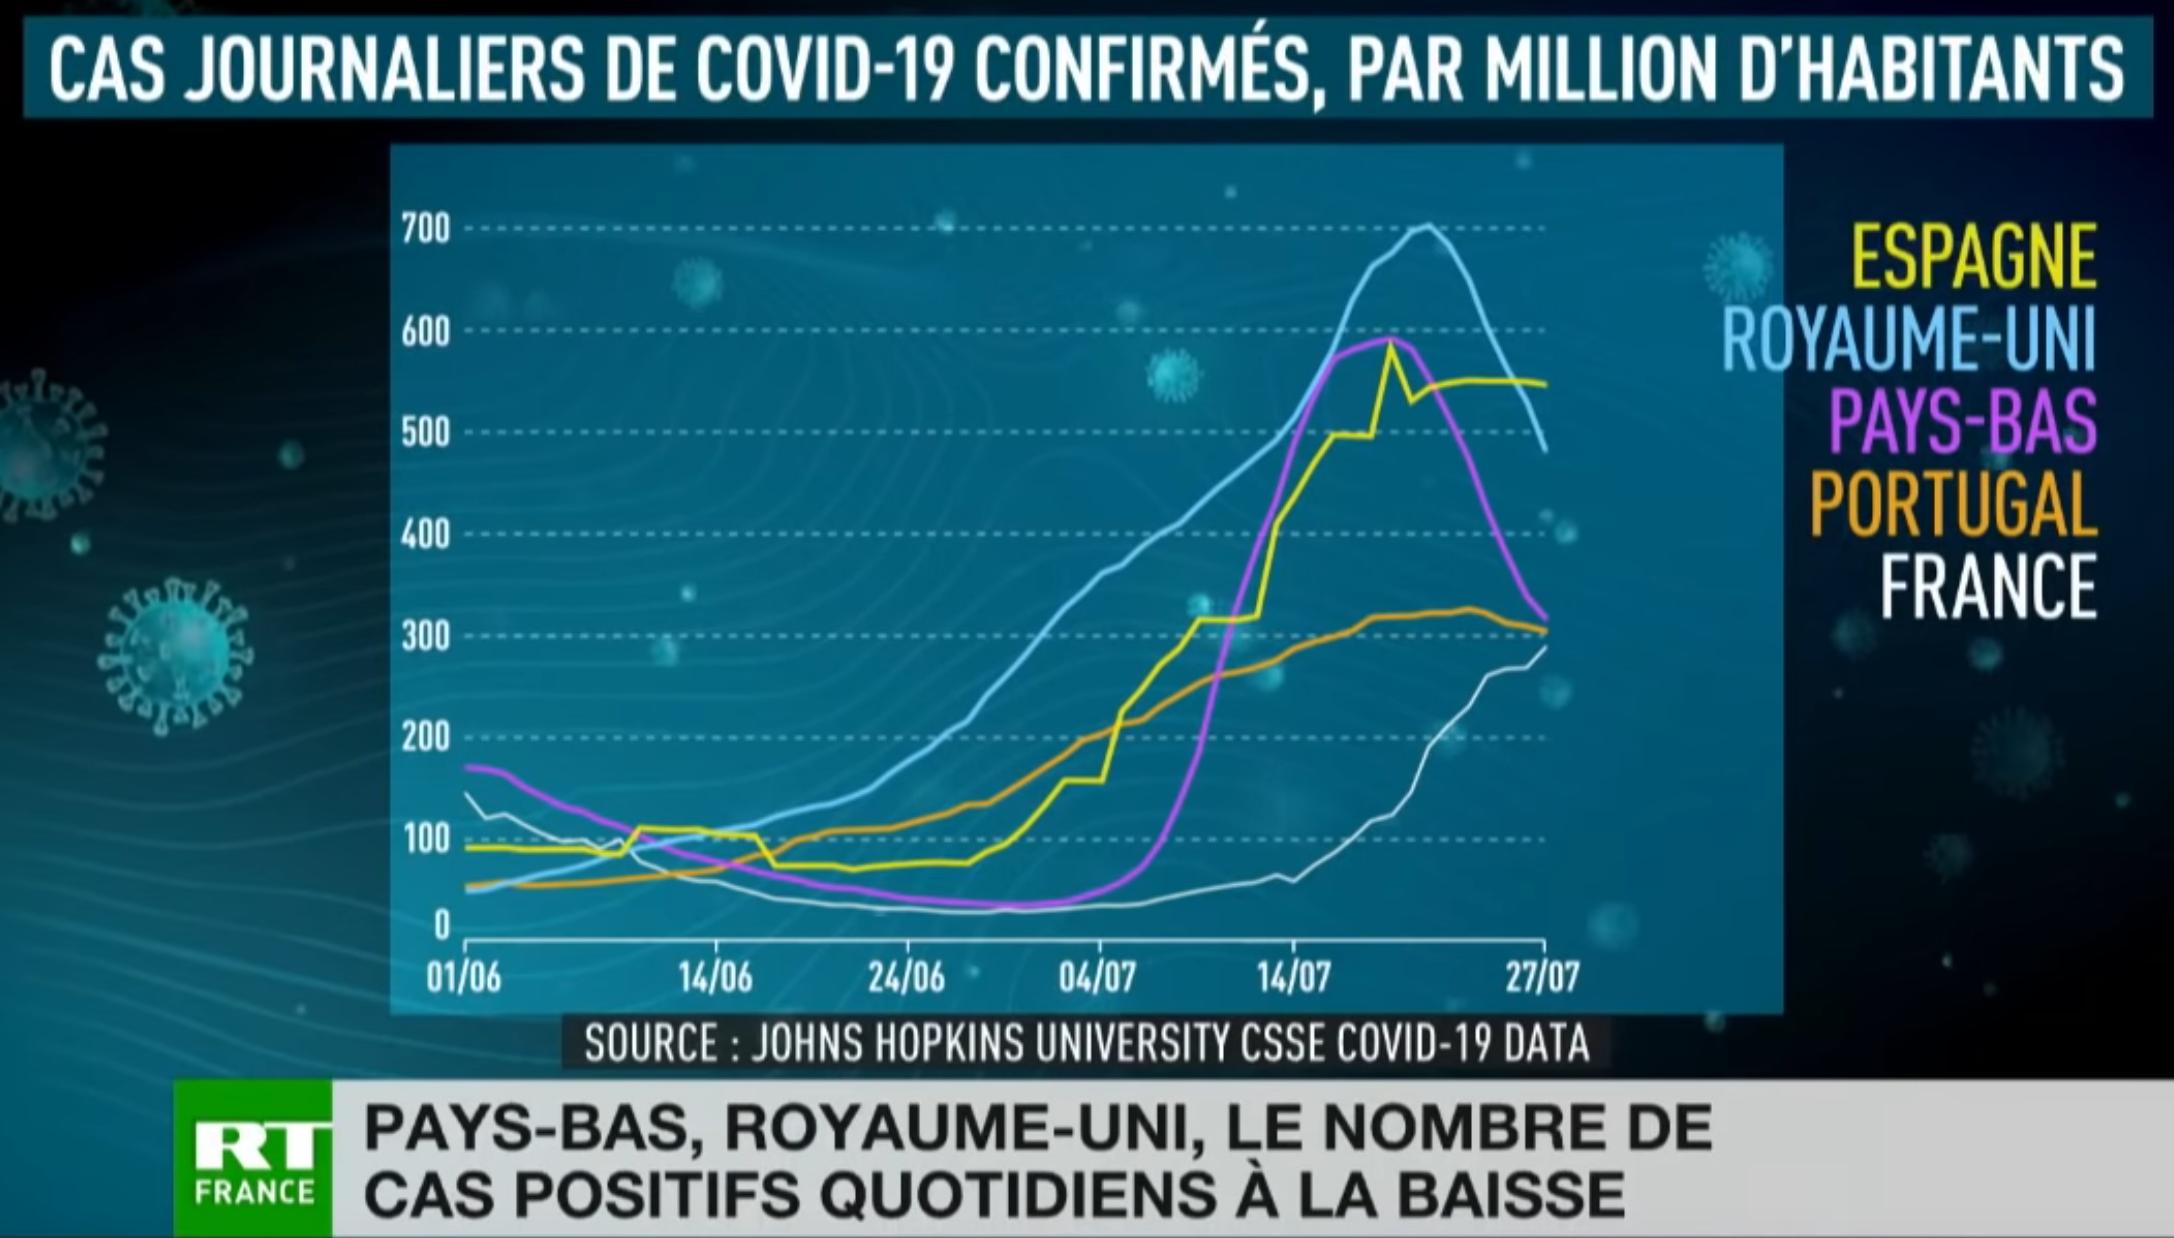 Royaume-Uni, Pays-Bas, Portugal, Espagne : le nombre de cas positifs quotidiens à la baisse